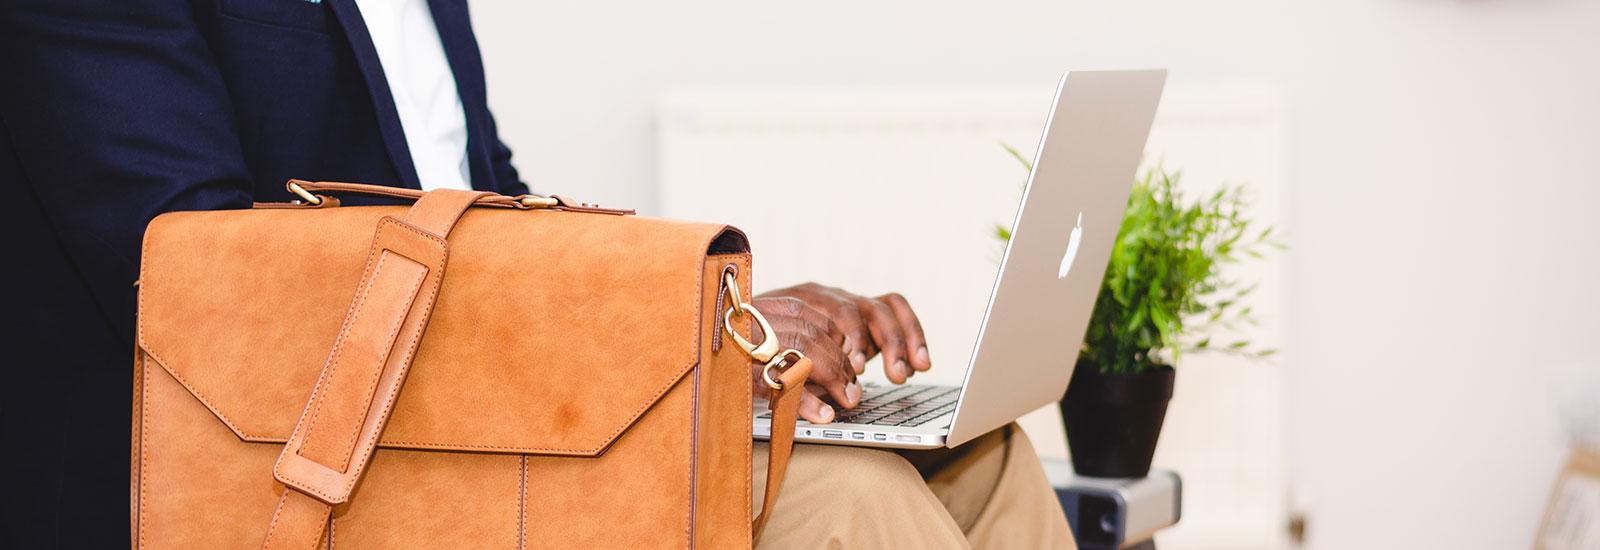 สล็อตออนไลน์ สมัครวันนี้รับเครดิตฟรี รับโบนัส 50% สมัครเลย